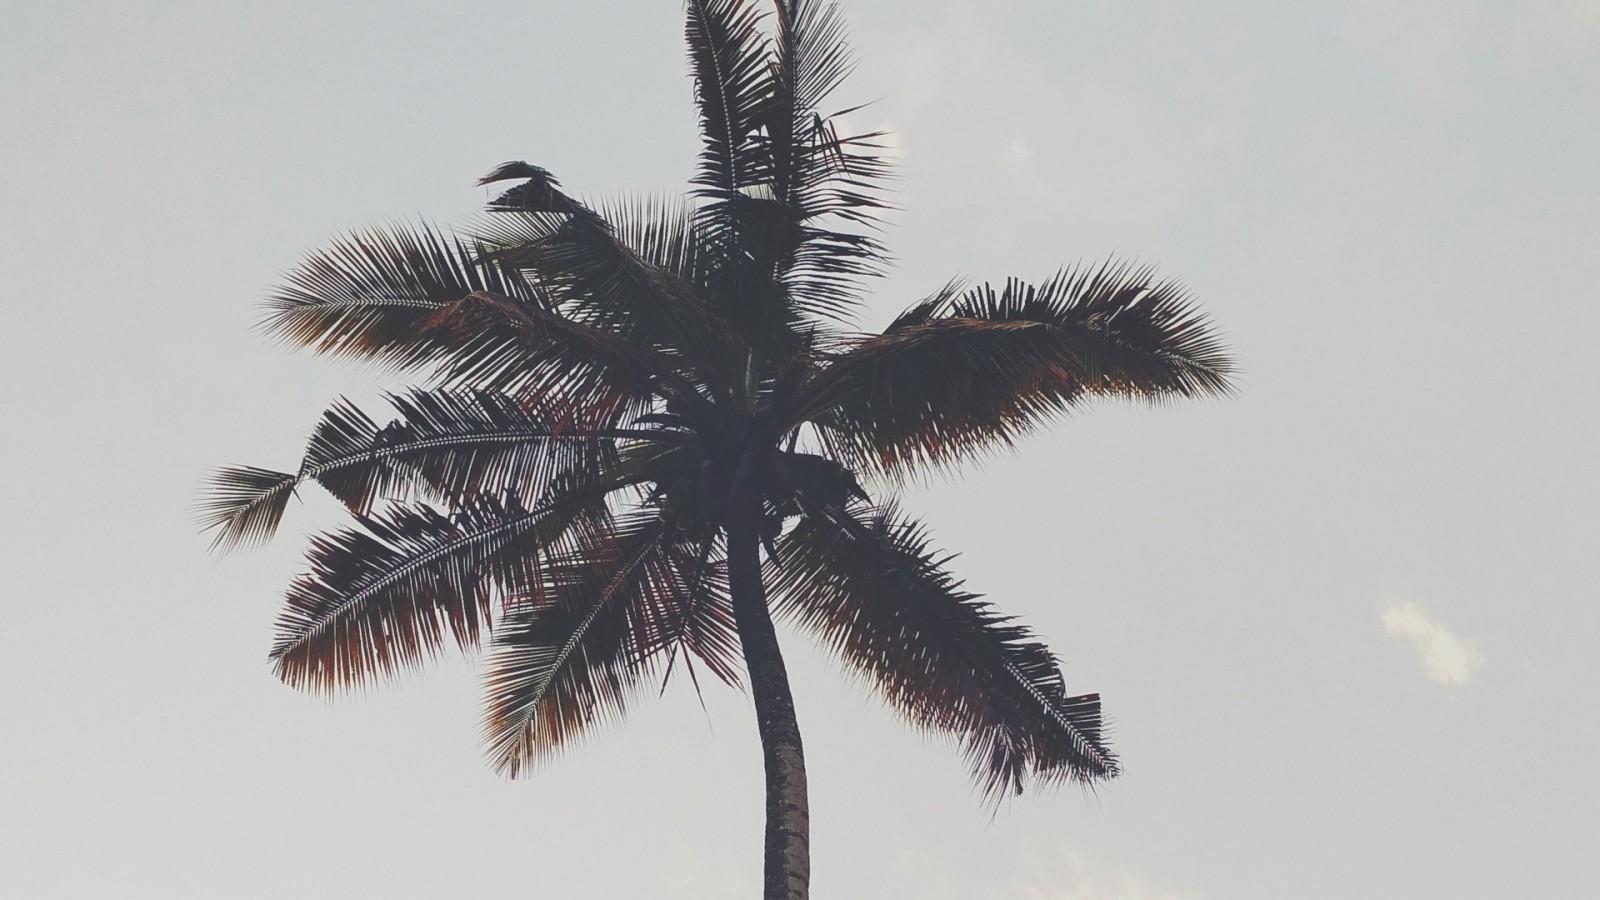 Palms Tree Iphone X - HD Wallpaper